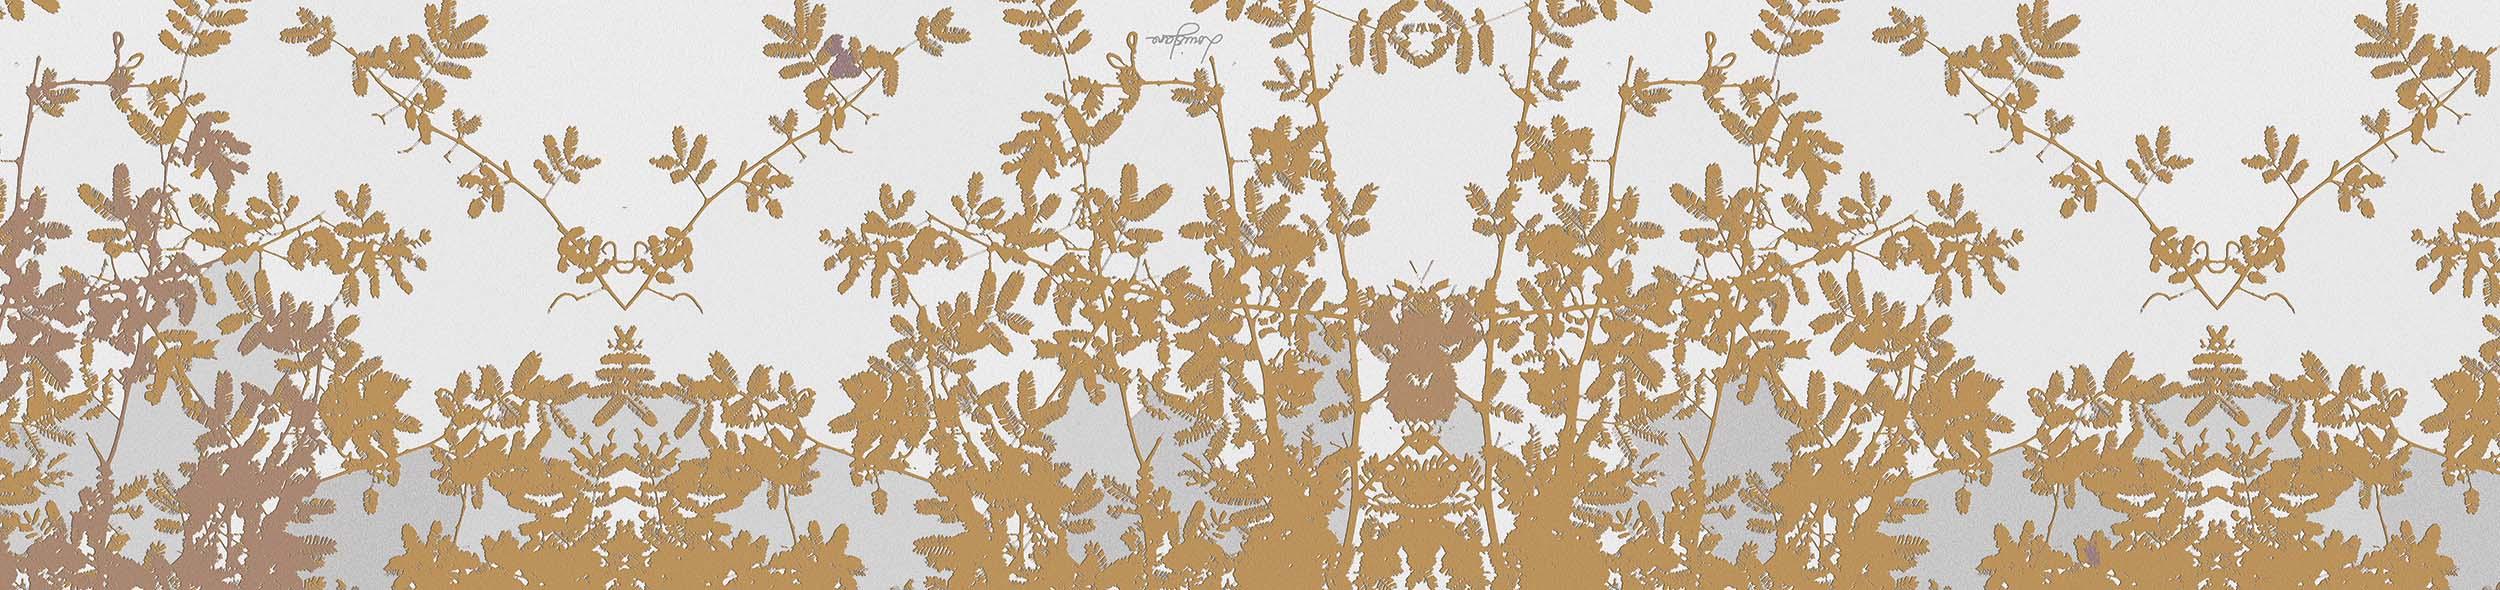 Ferns.GoldBrown.Website Banner.jpg